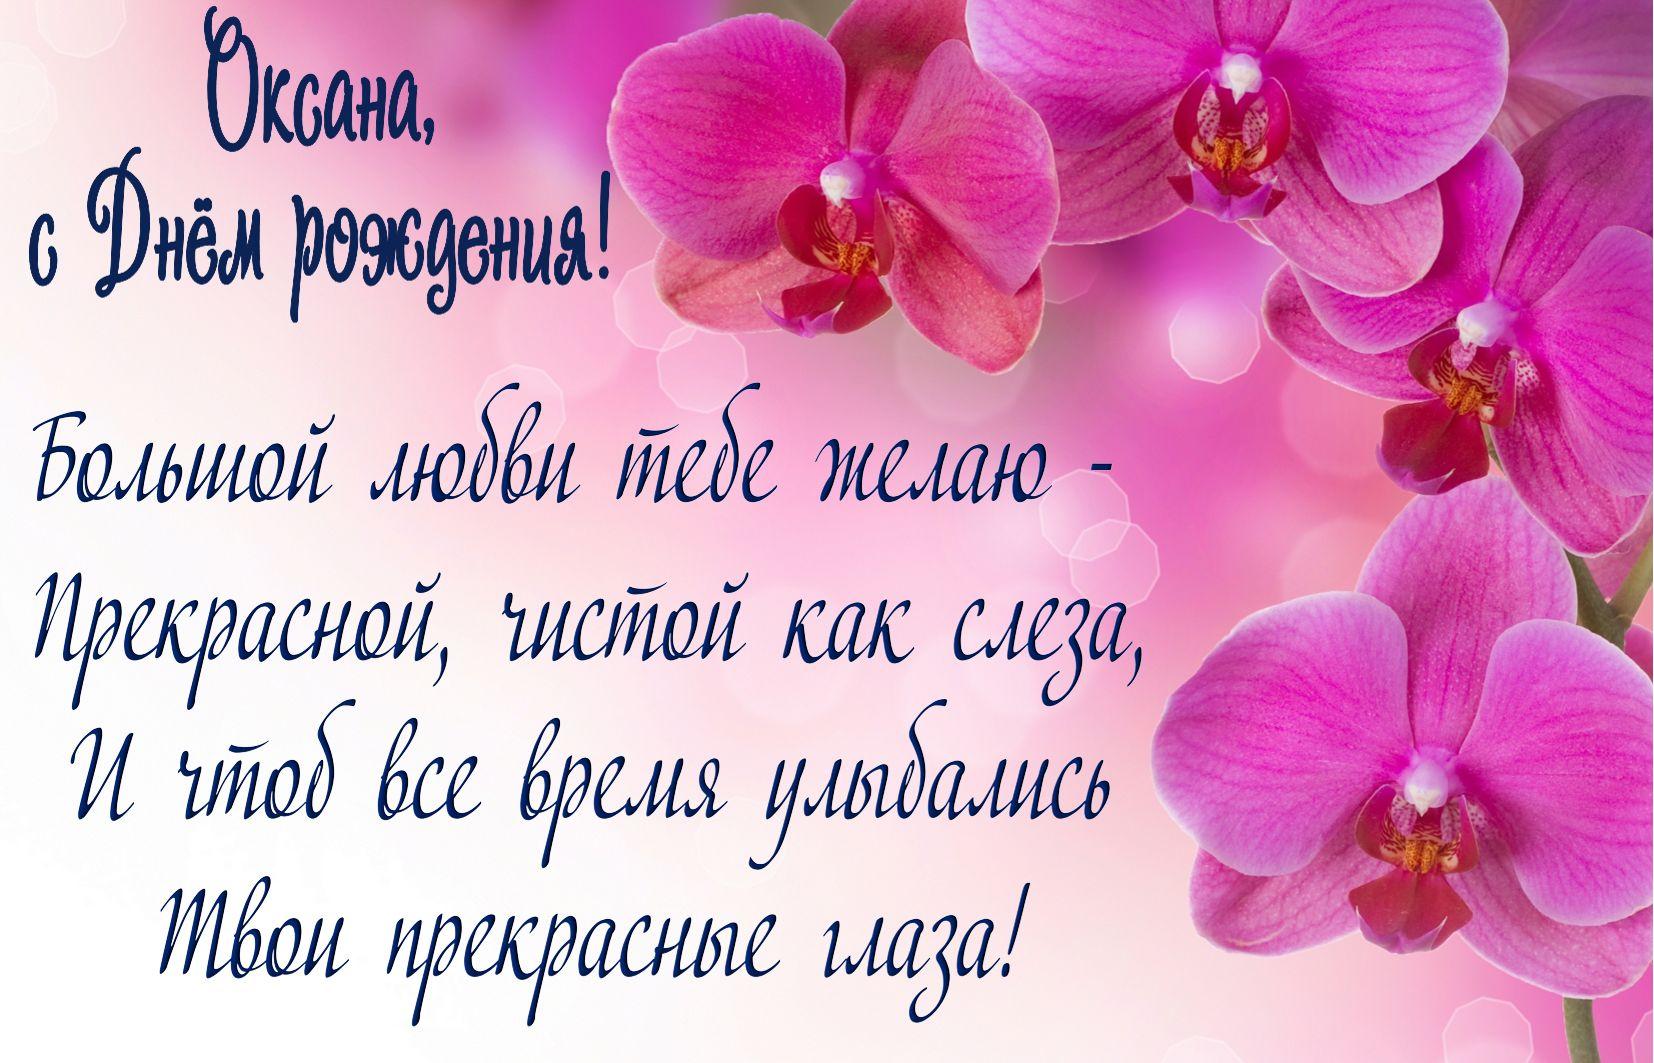 Открытки с днем рождения Оксане, скачать бесплатно 46